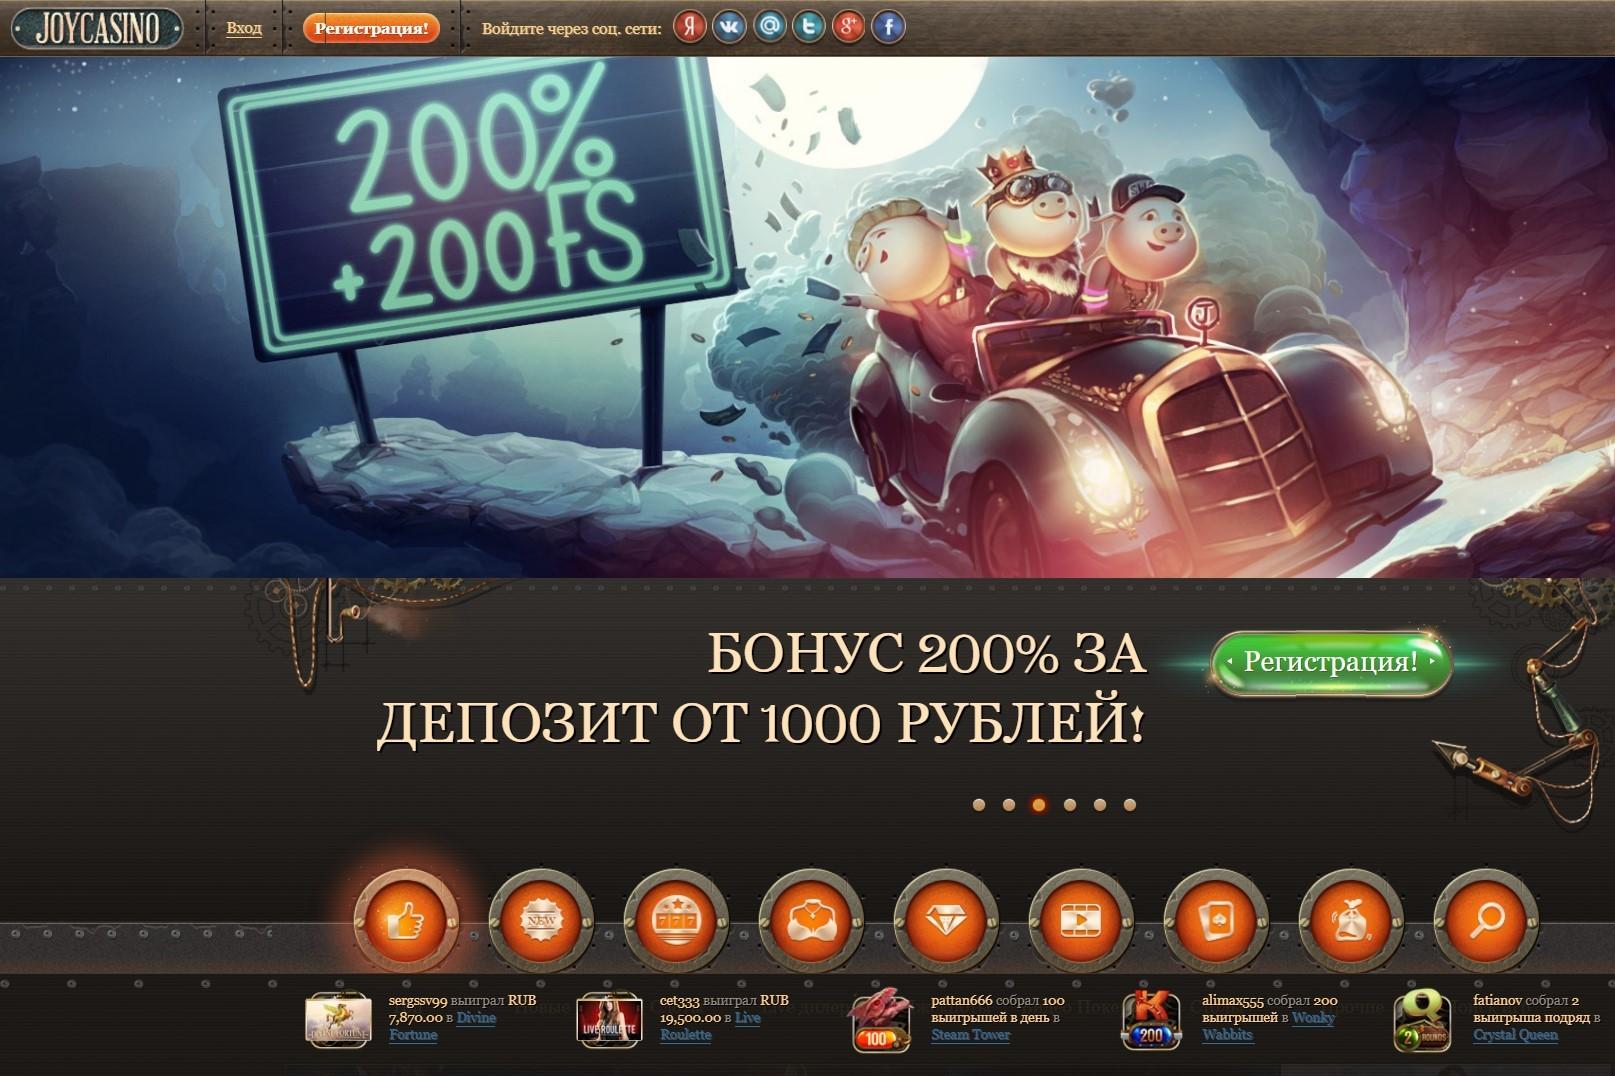 джойказино официальный сайт регистрация бесплатно